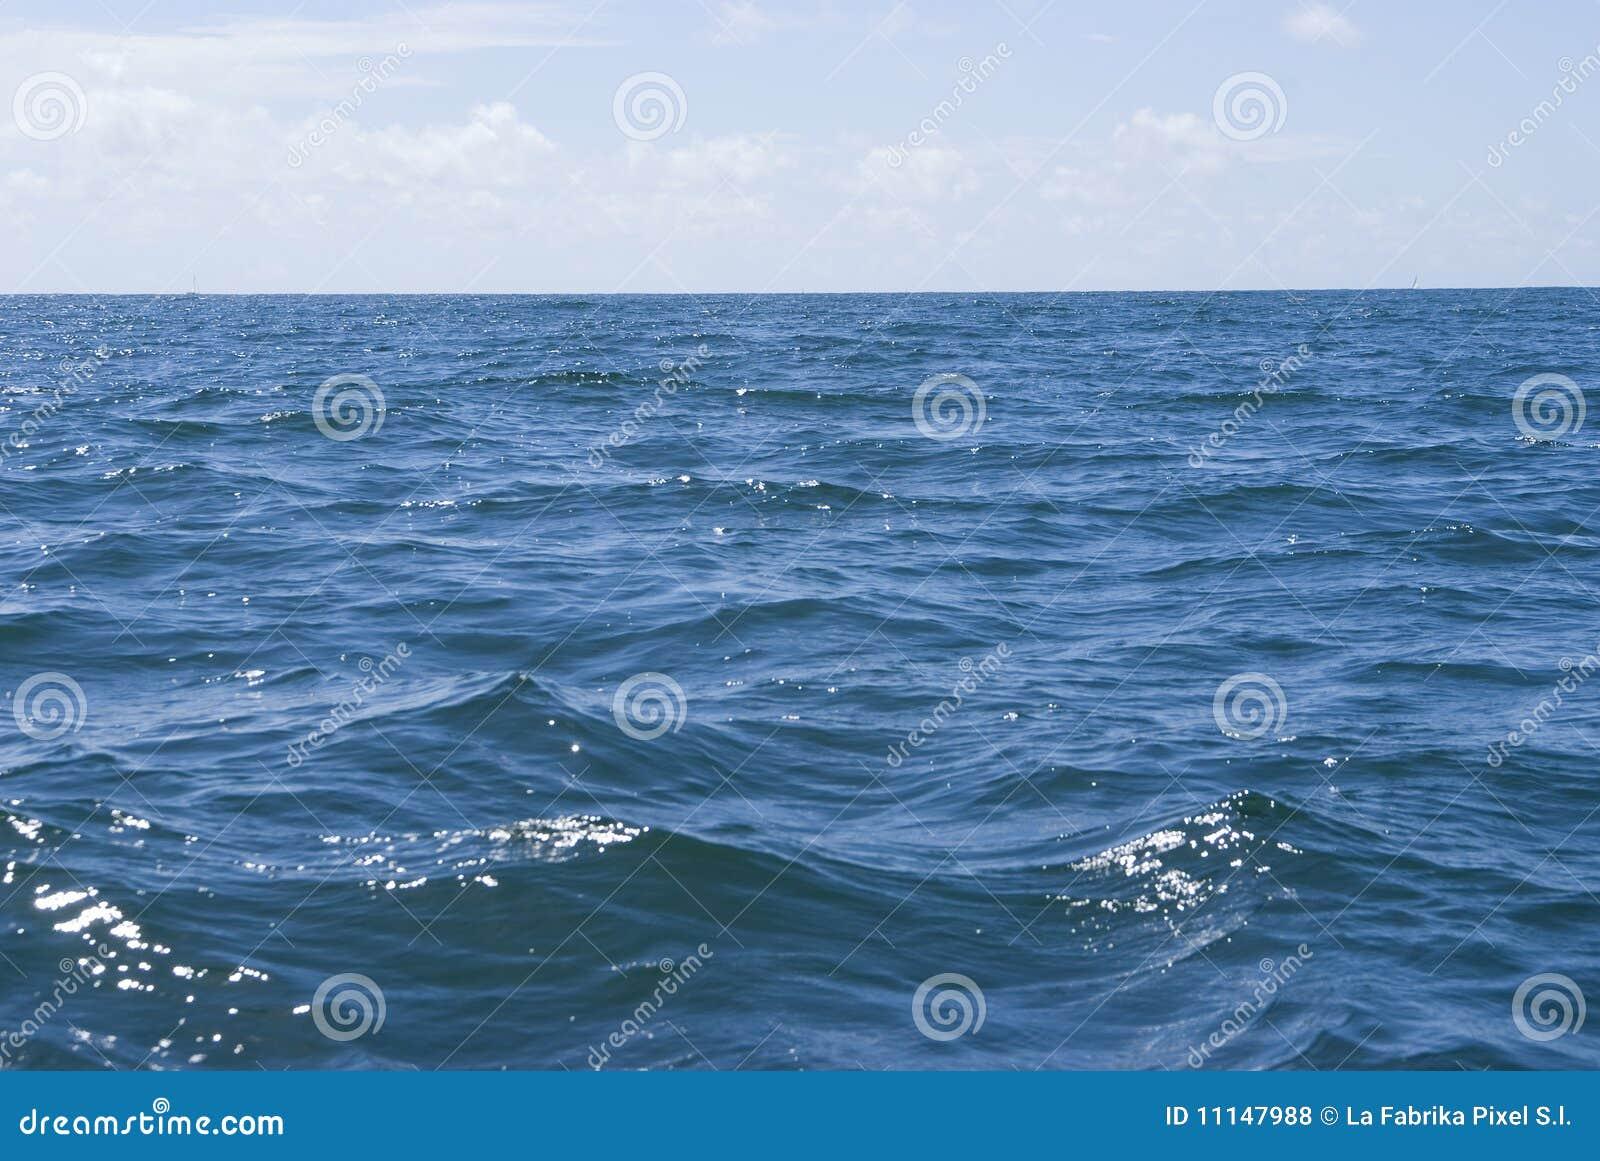 Oceano azul profundo